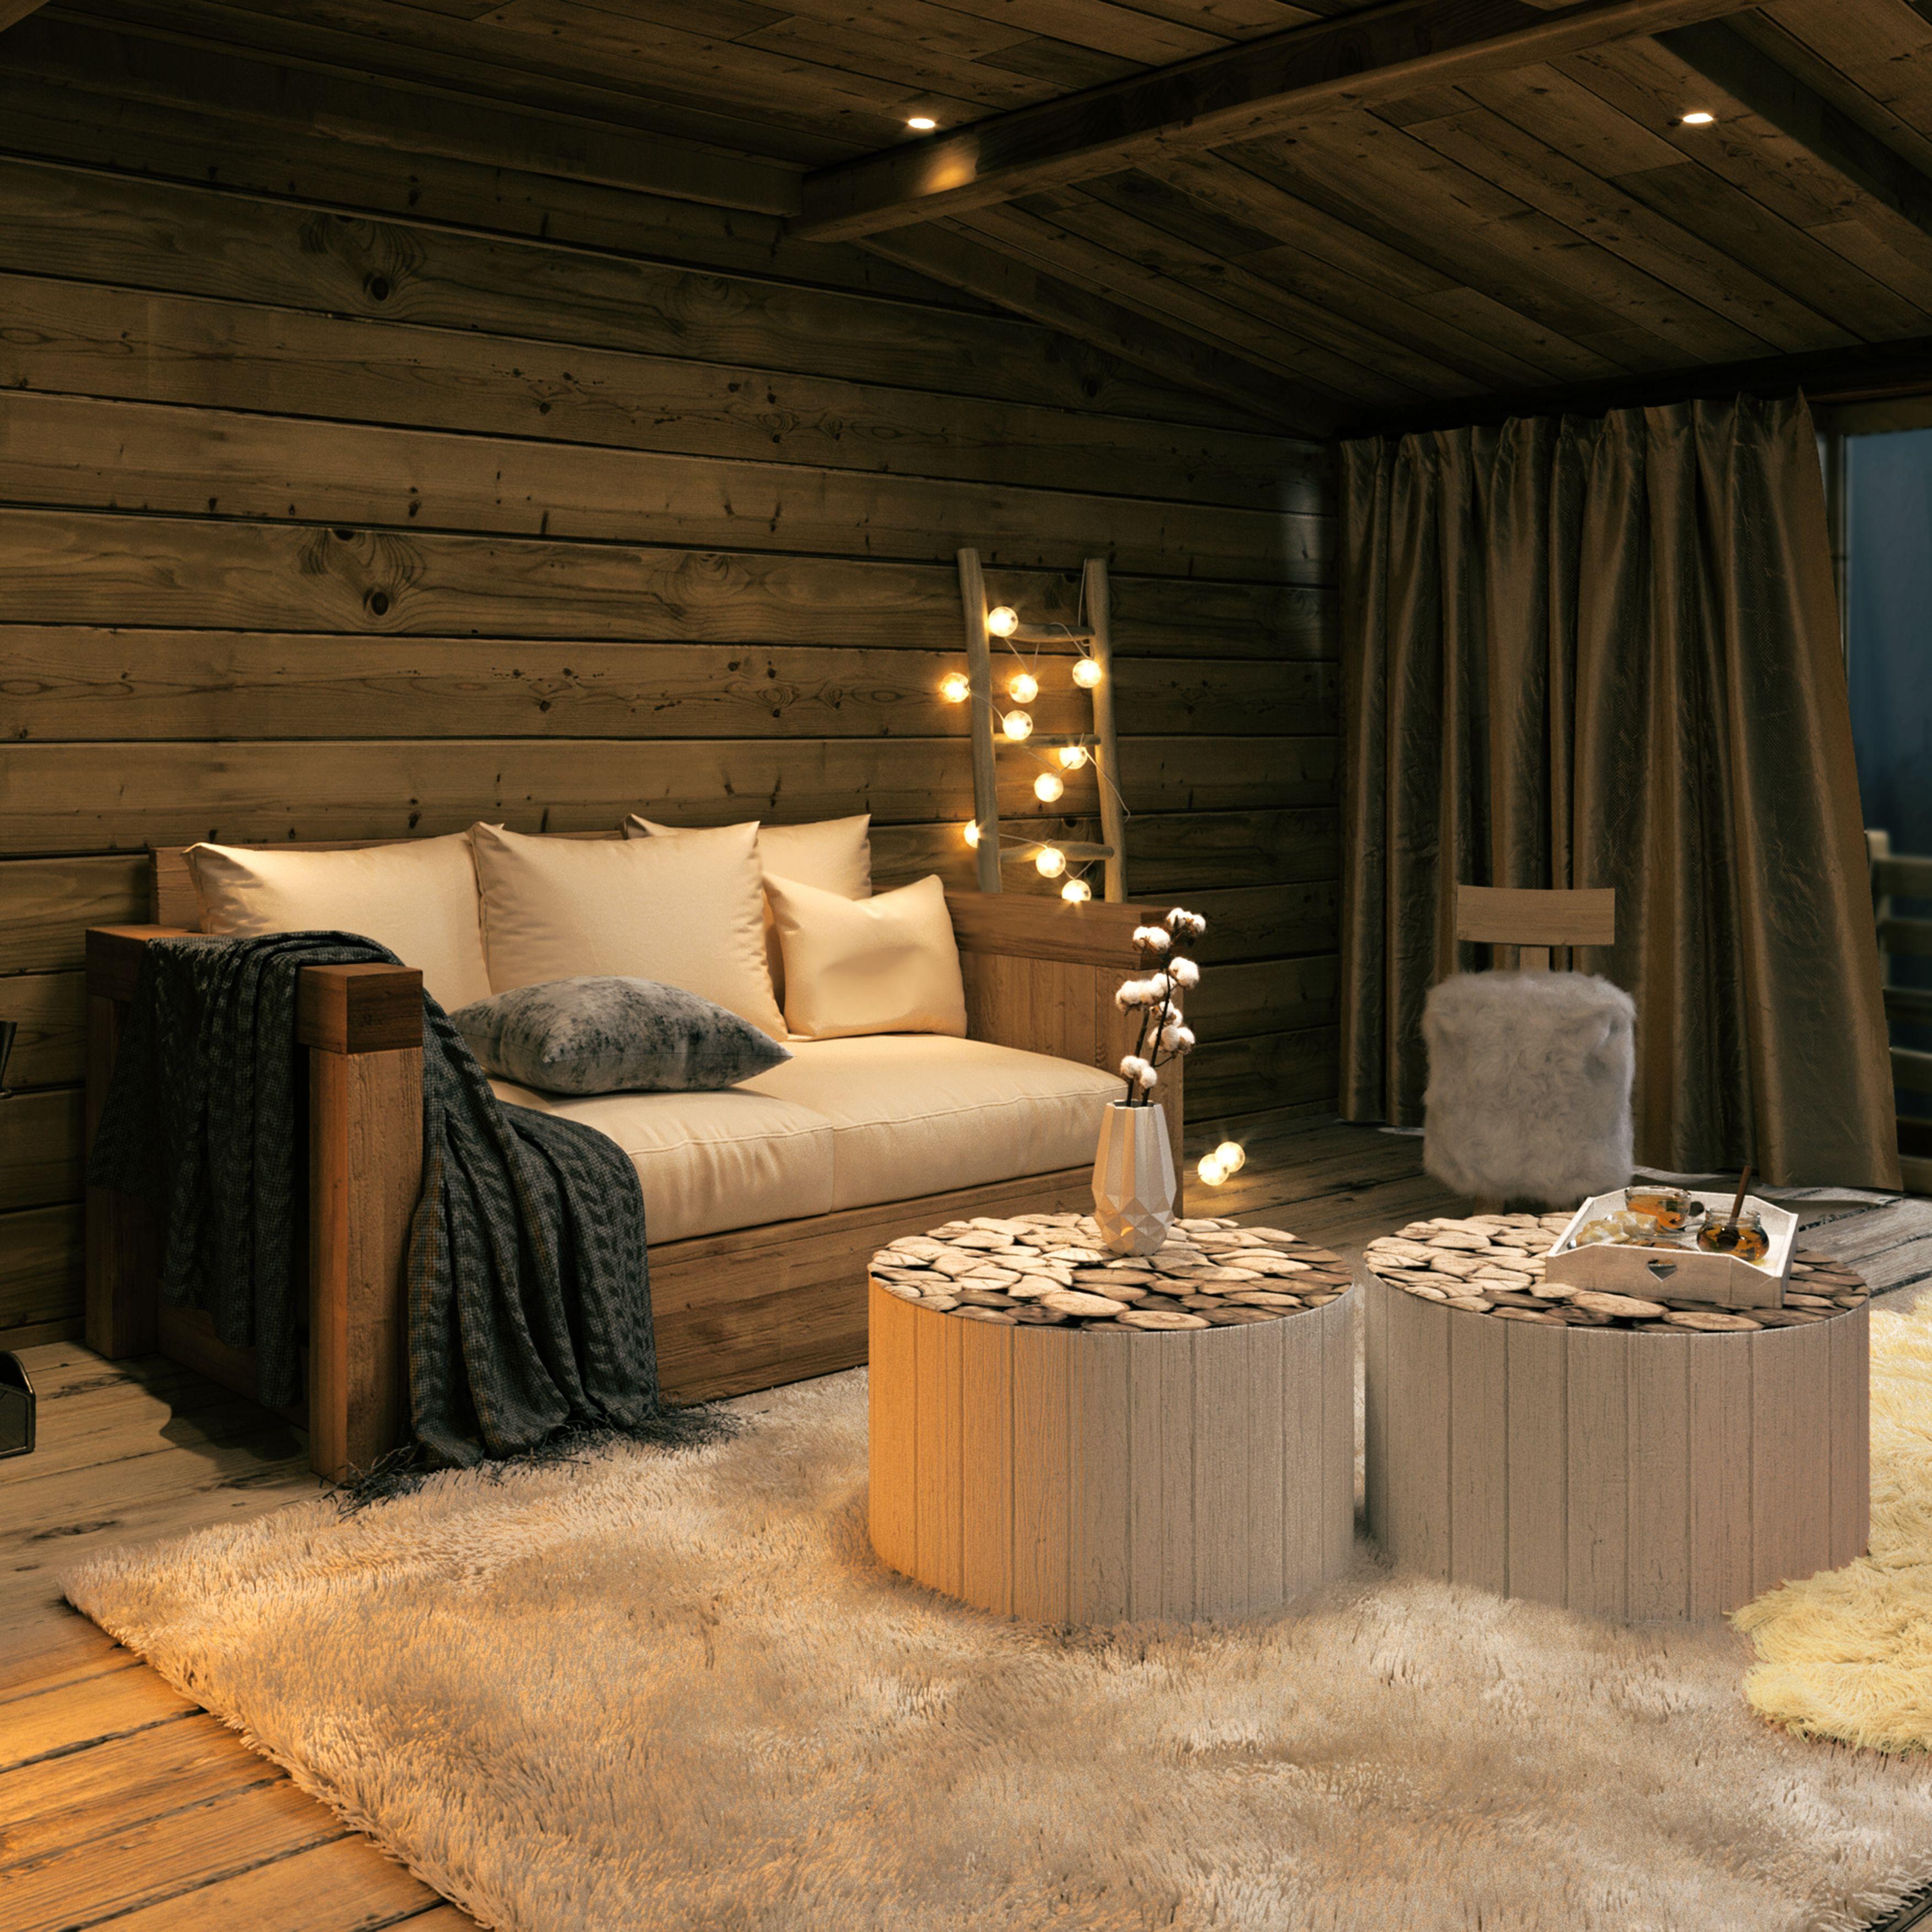 Creez Votre Ambiance Cocooning Montagne Avec Grenier Alpin Decoration Salon Chalet Deco Cocooning Deco Chalet Montagne